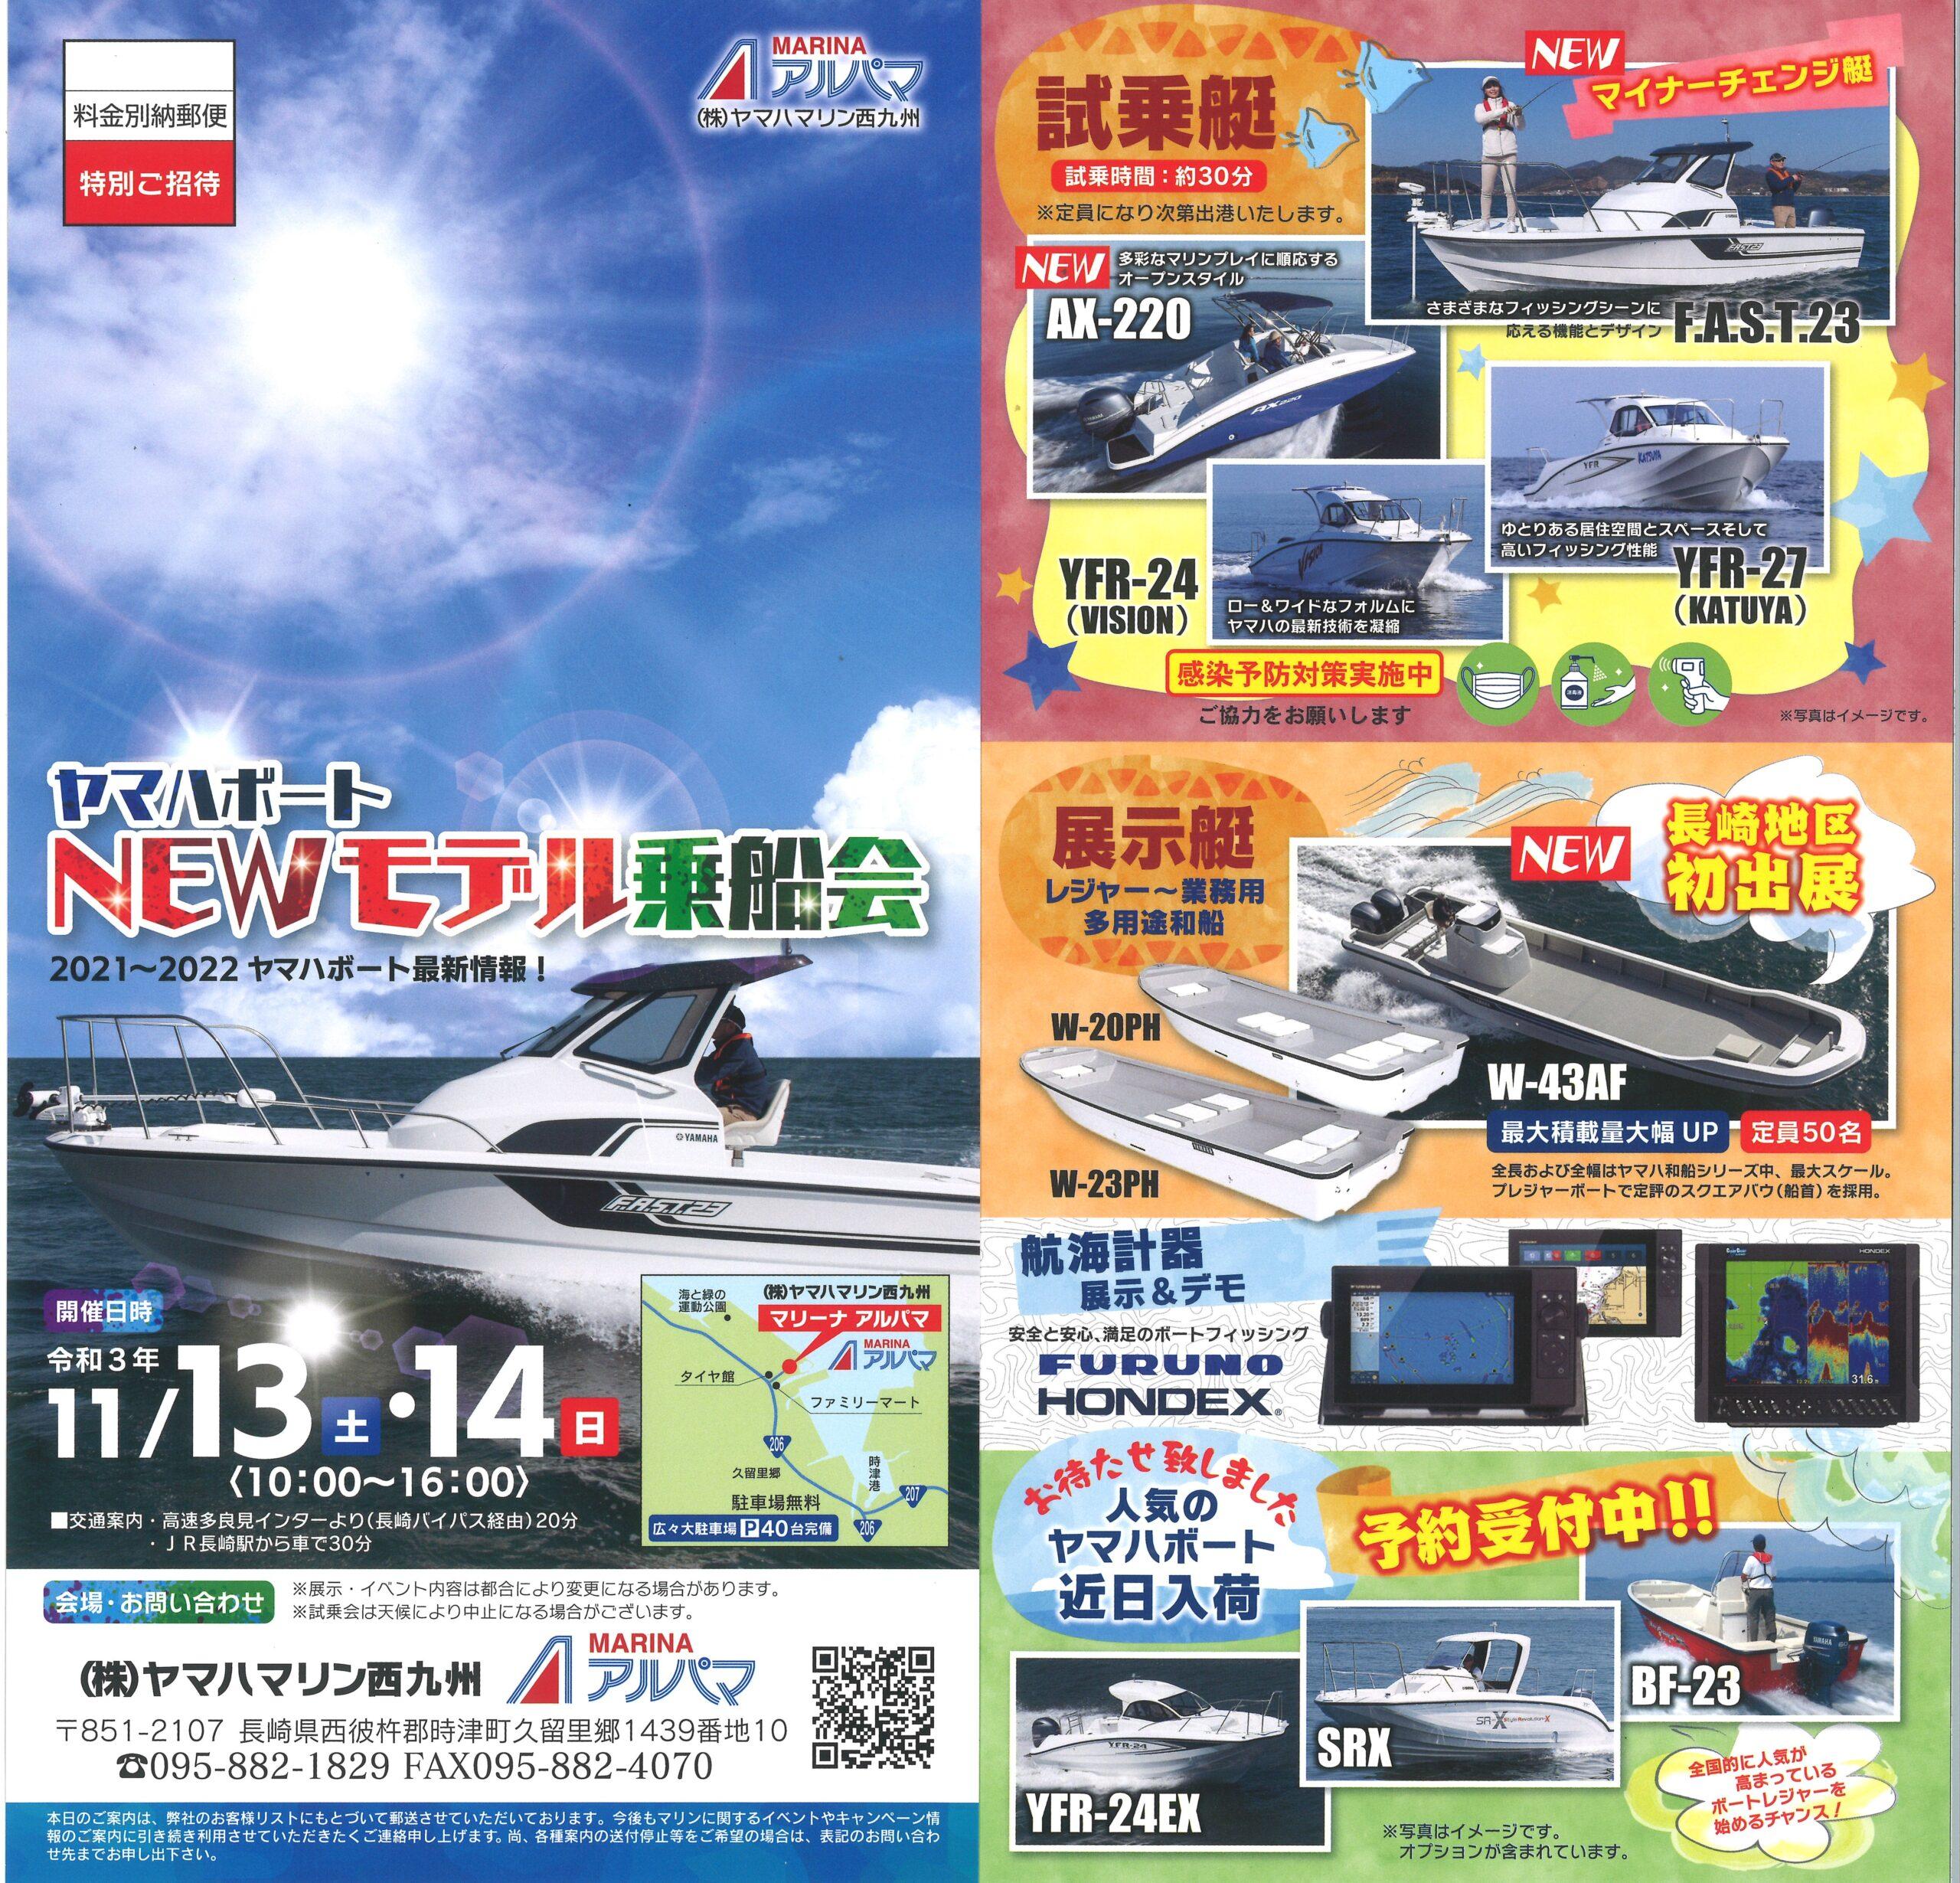 ヤマハボート NEWモデル乗船会!!!!!